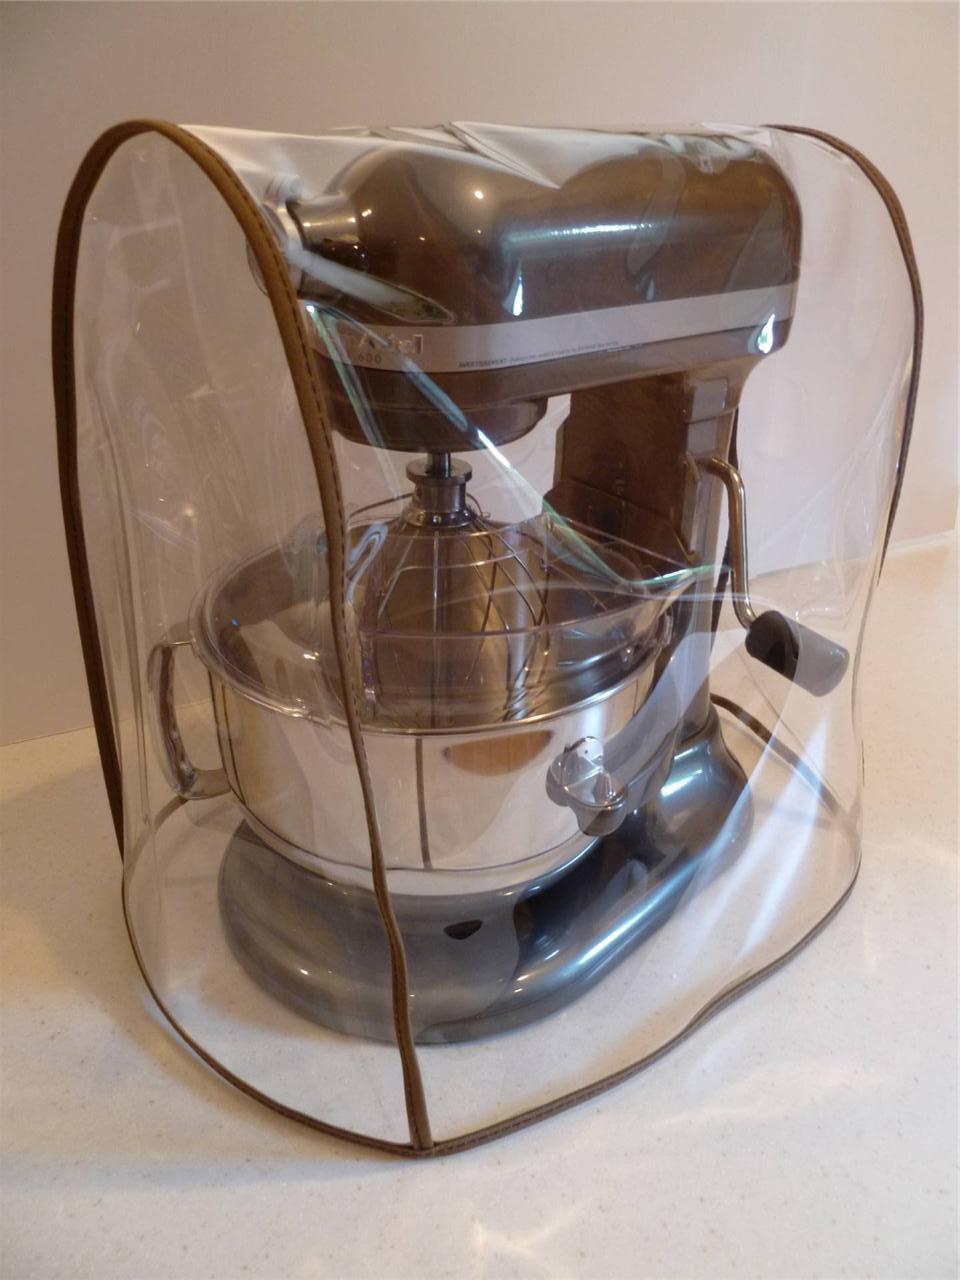 Clear Mixer Cover Fits Kitchenaid Bowl Lift Mixer Cocoa